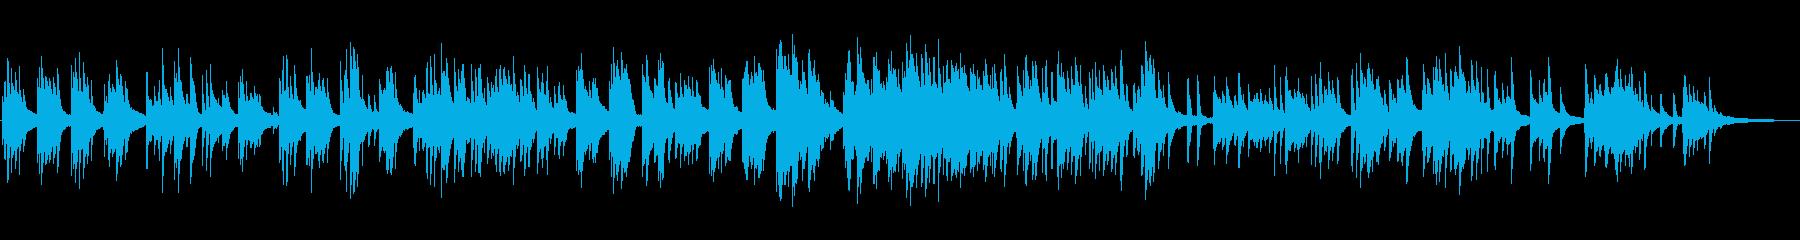 穏やかな日常のピアノBGMの再生済みの波形